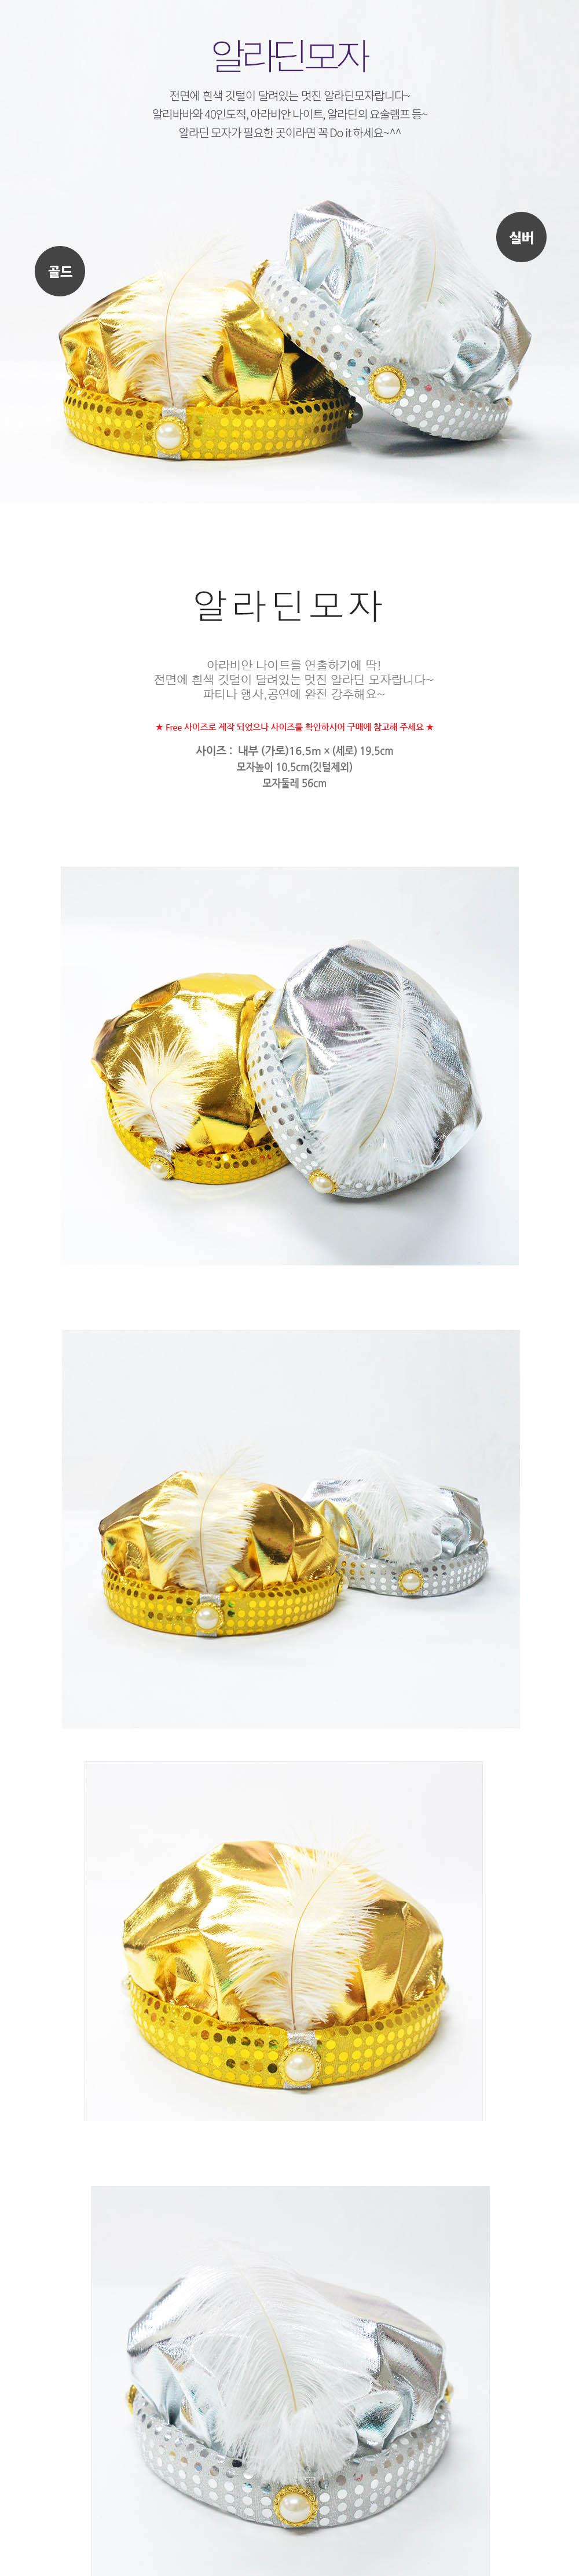 알라딘모자 - 파티클럽, 4,600원, 장식품, 워터볼/오르골